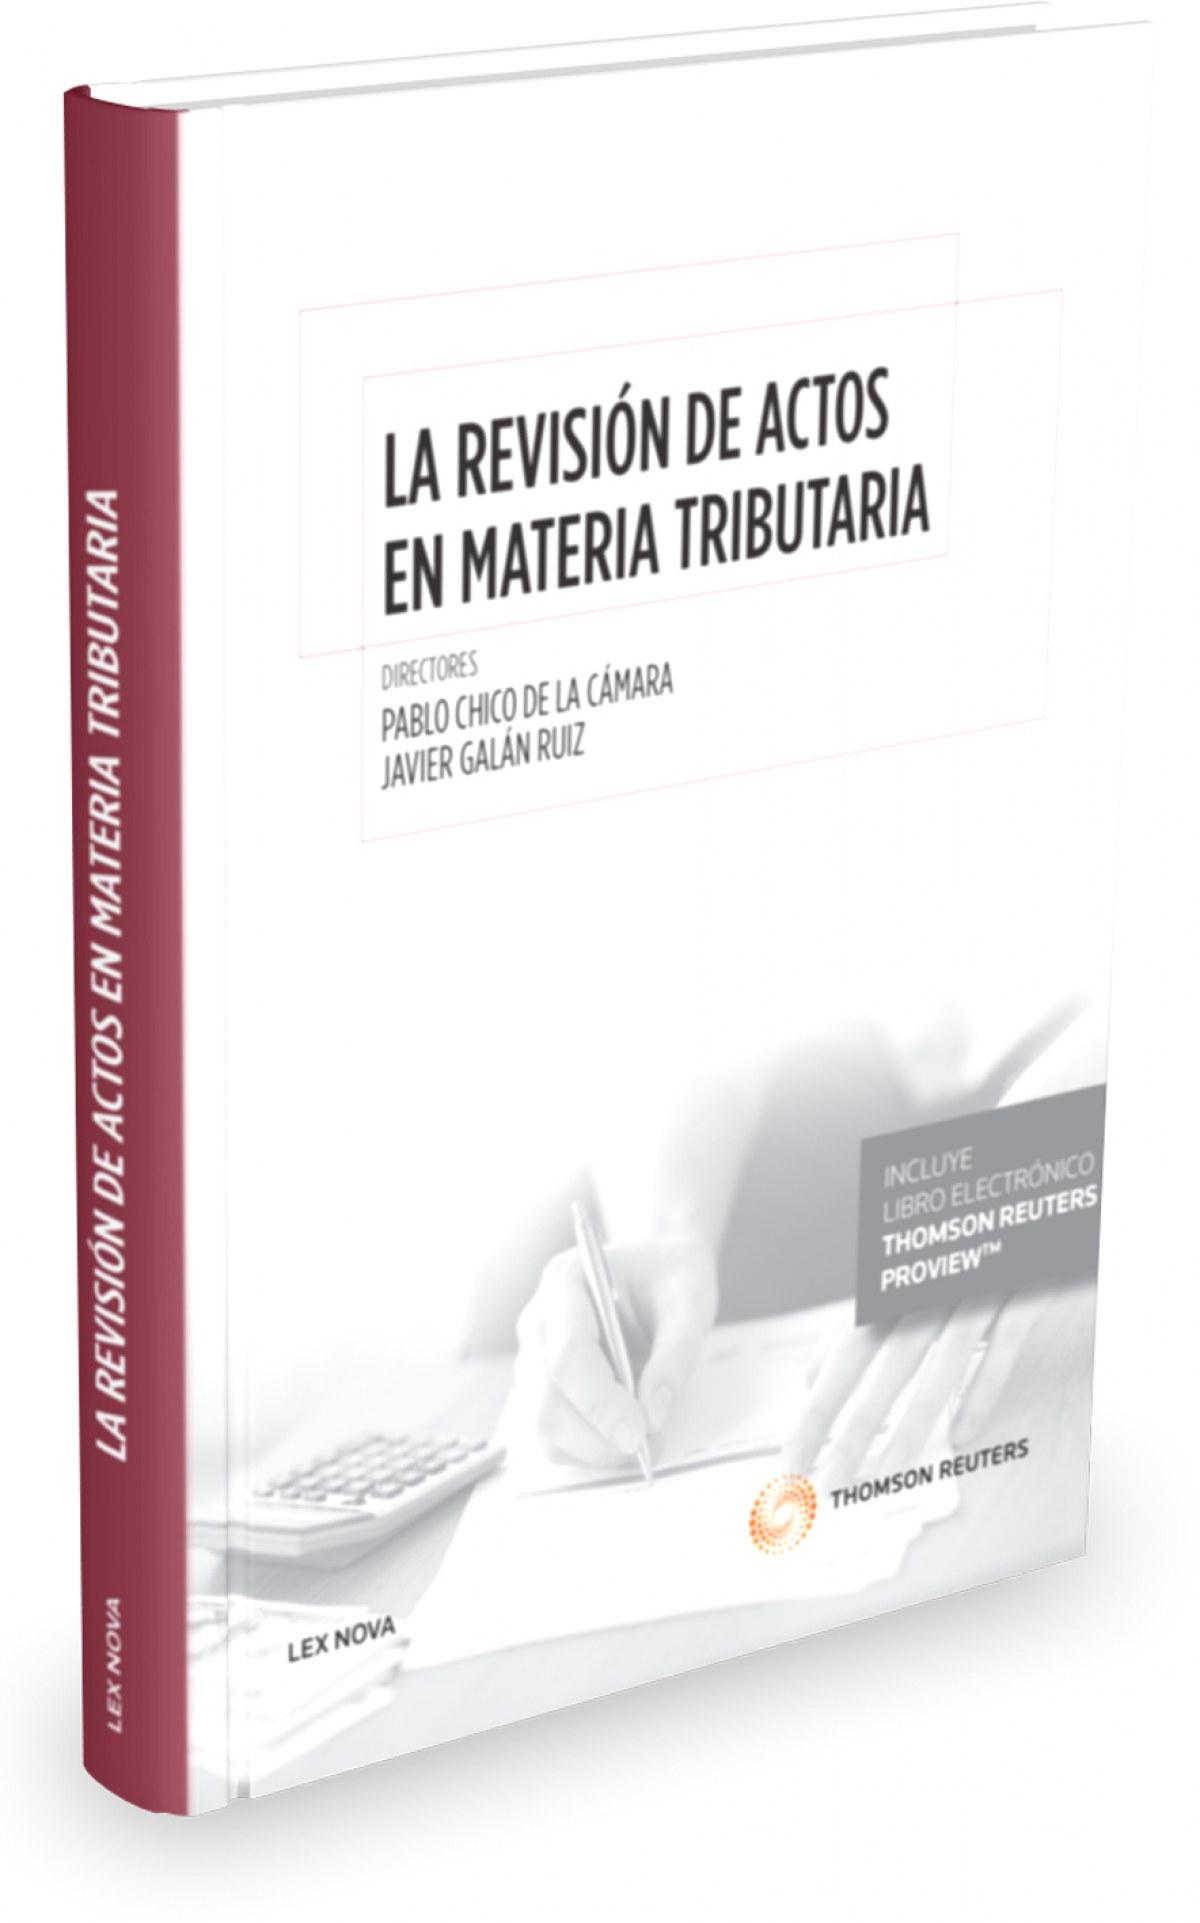 LA REVISION DE ACTOS EN MATERIA TRIBUTARIA (PAPEL + E-BOOK)